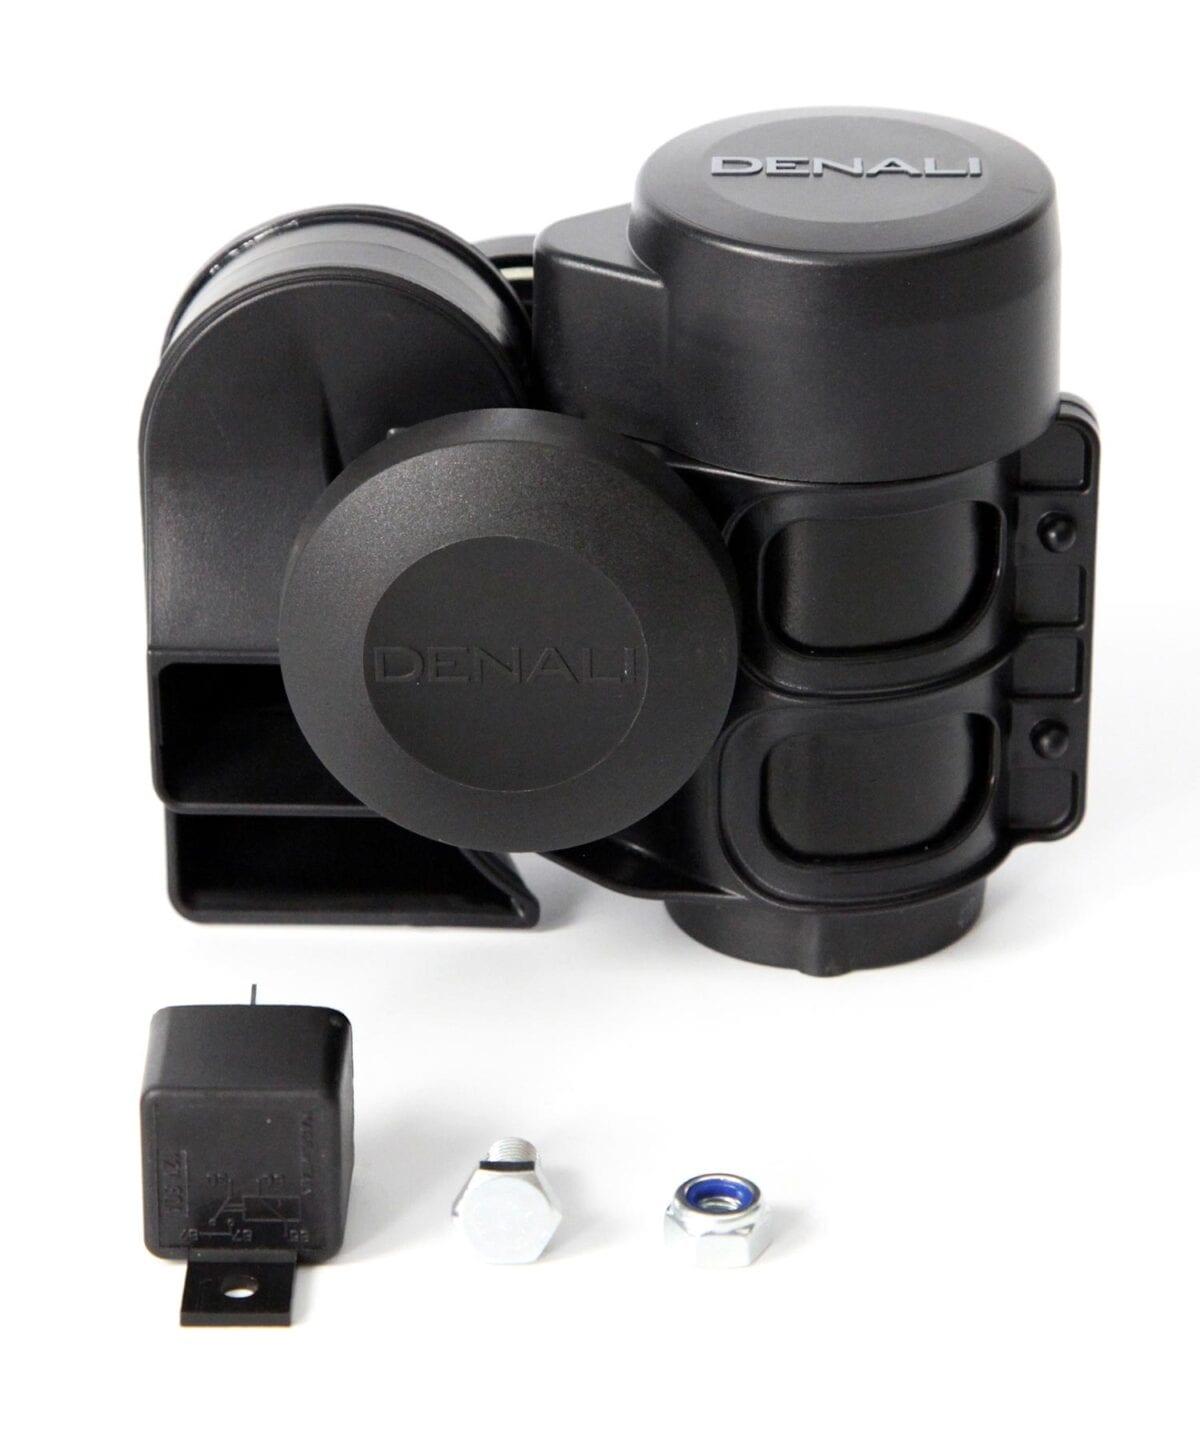 Denali-Soundbomb-horn-004